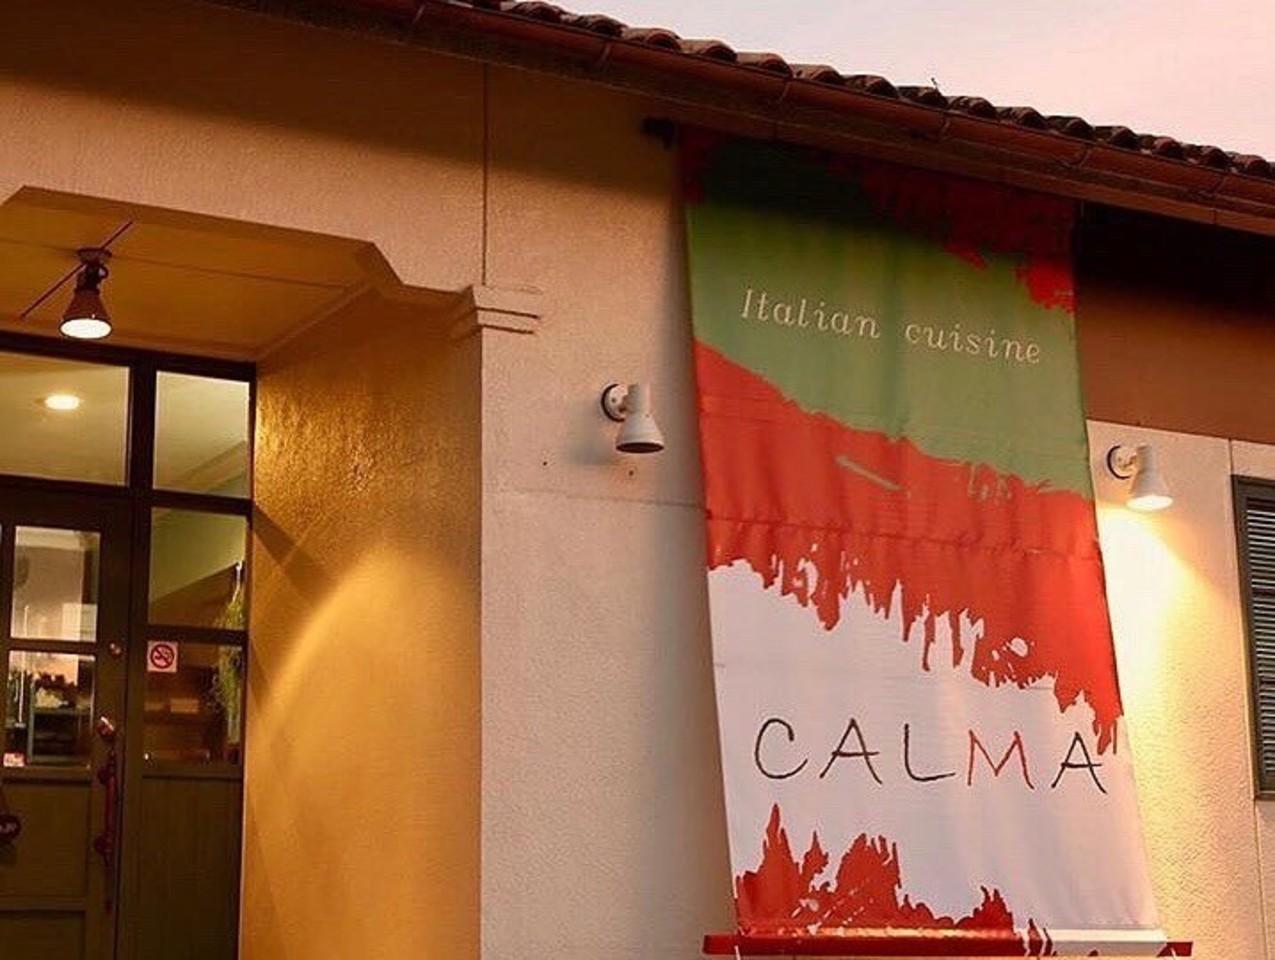 落ち着いた空間で楽しいひとときを...大分県大分市萩原1丁目に「イタリアン カルマ」本日オープン